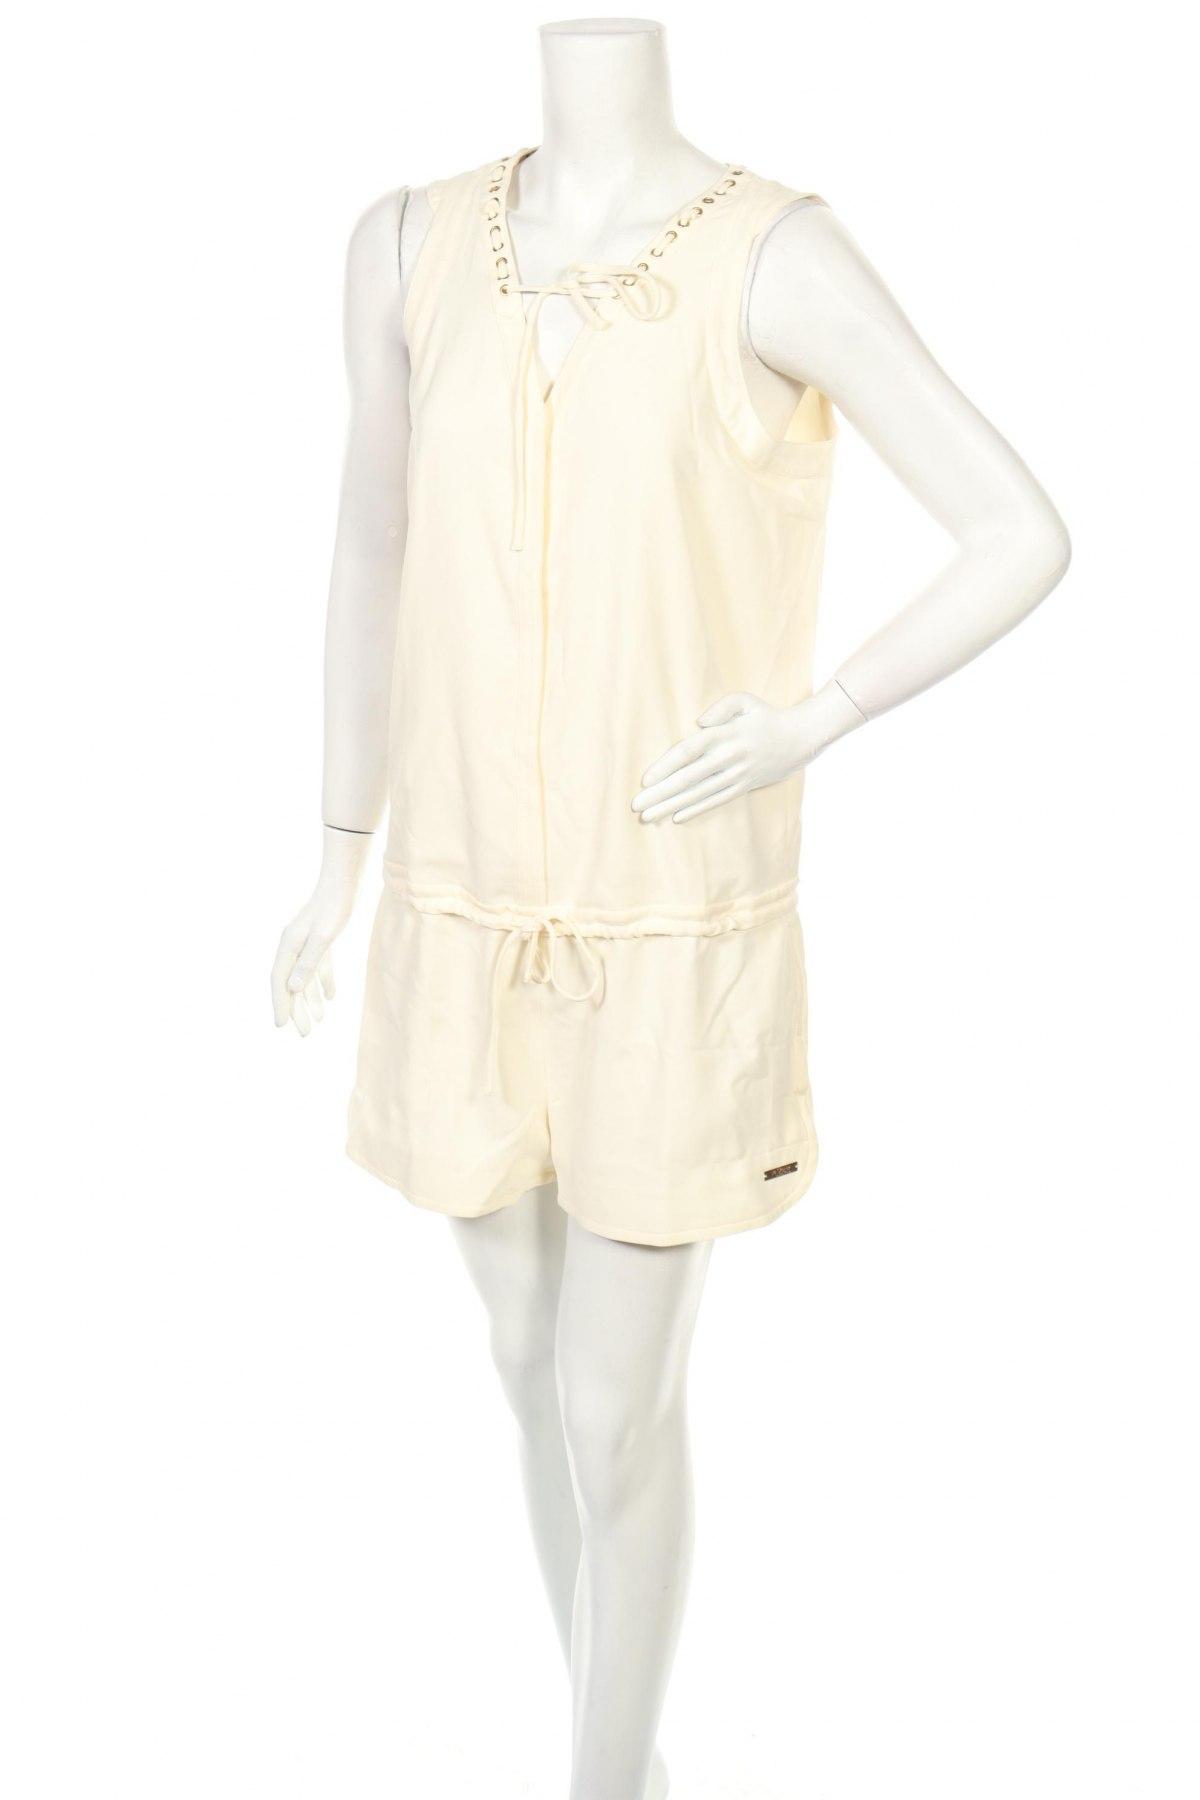 Γυναικεία σαλοπέτα Little Marcel, Μέγεθος L, Χρώμα Εκρού, Πολυεστέρας, Τιμή 15,21€